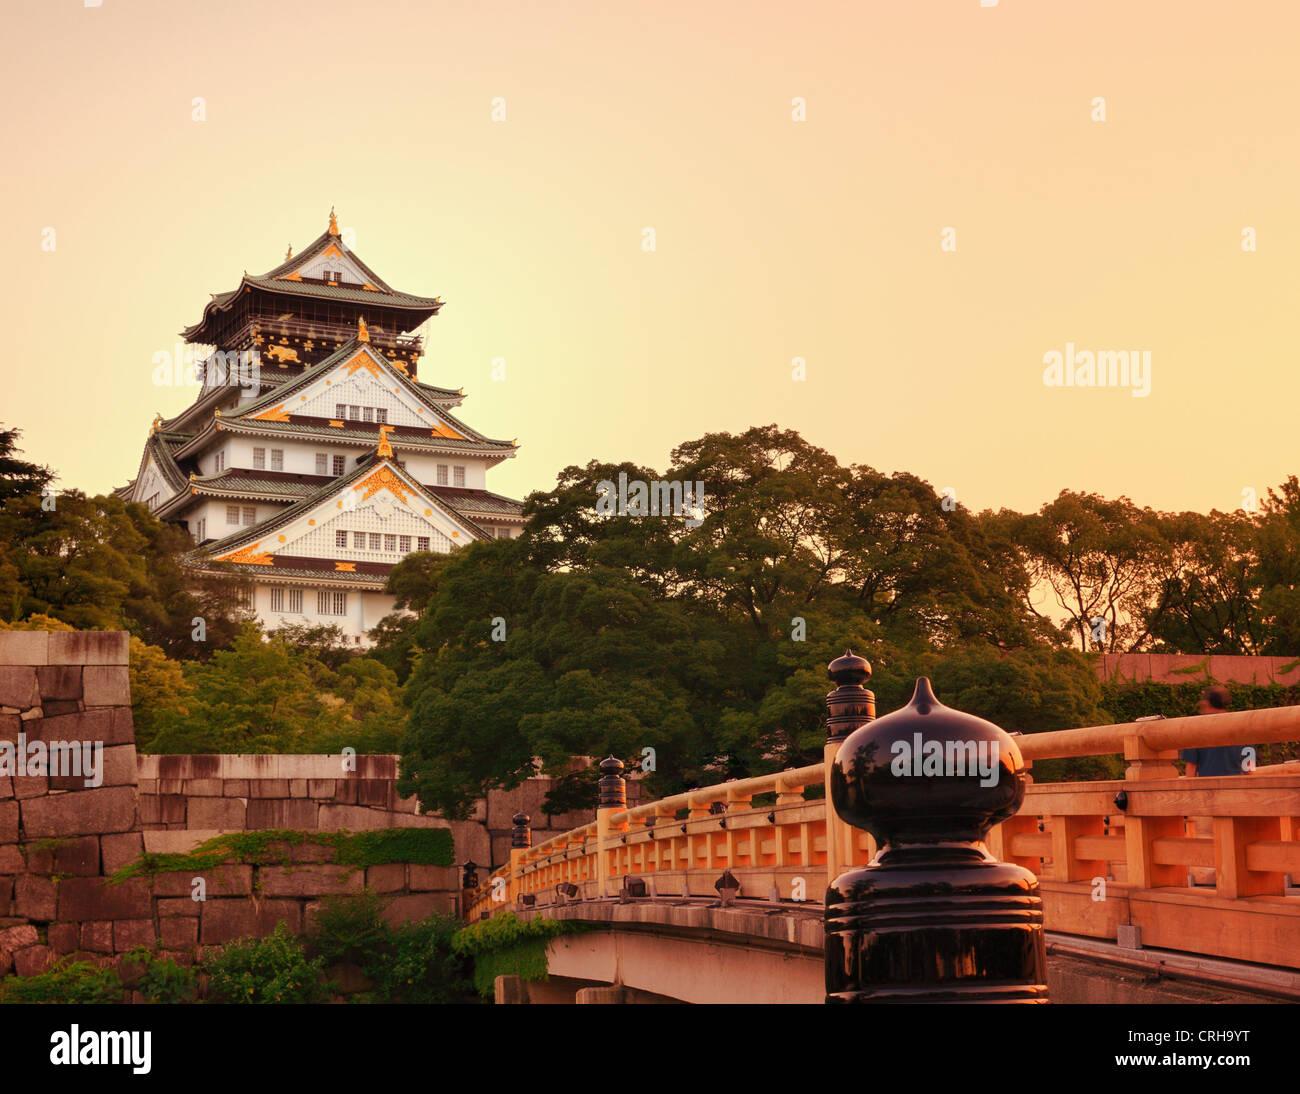 El Castillo de Osaka en Osaka, Japón. Imagen De Stock